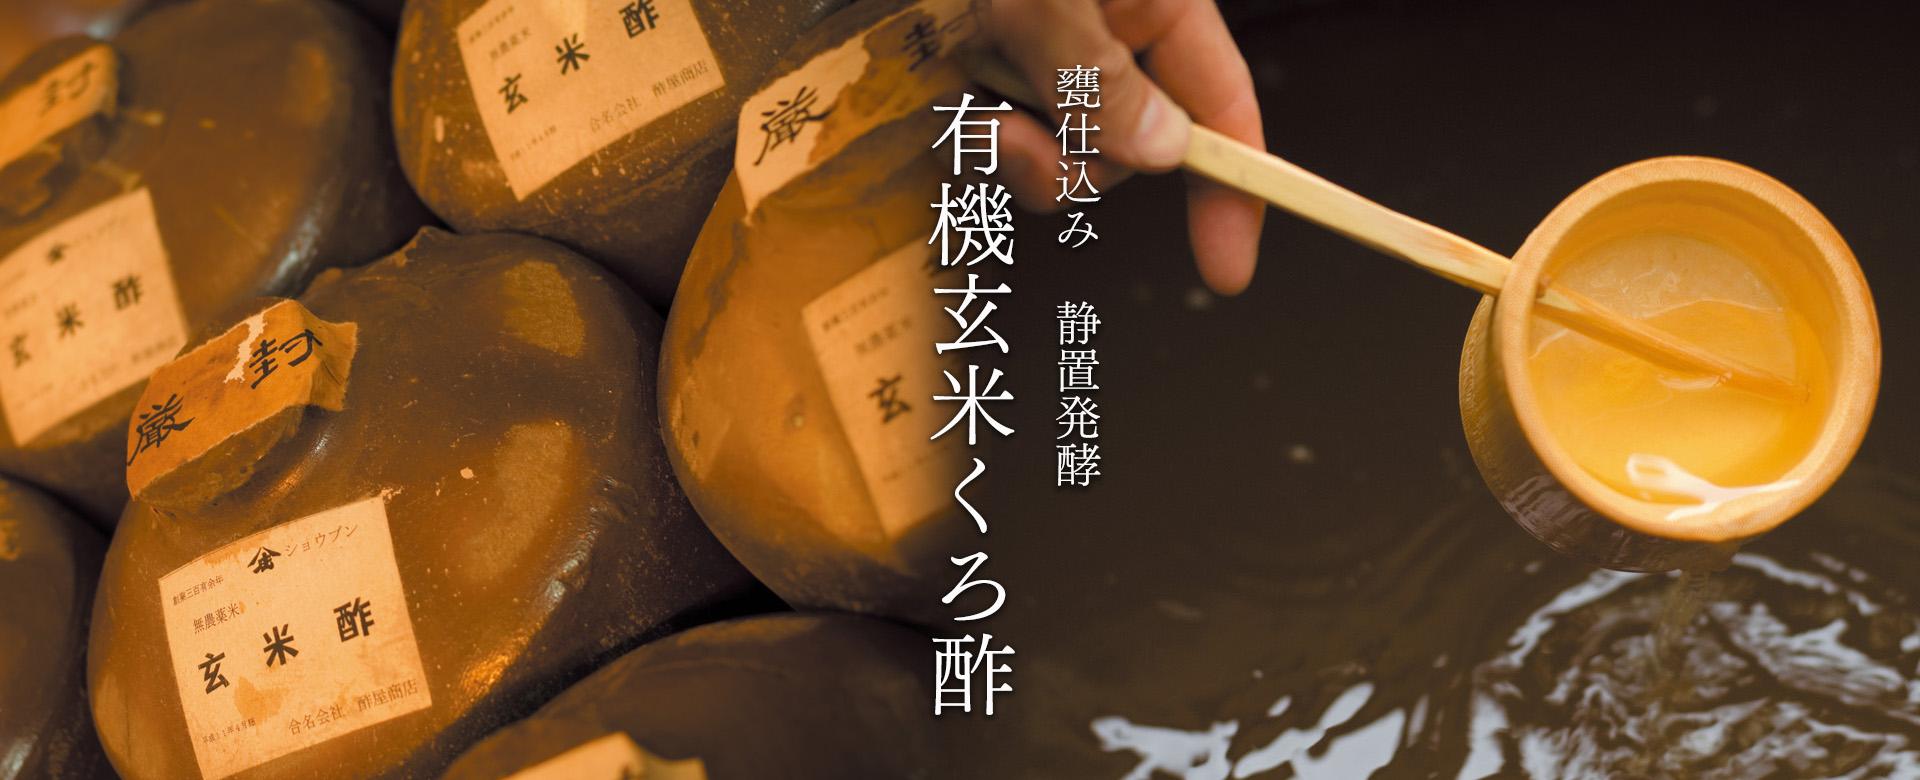 有機玄米くろ酢